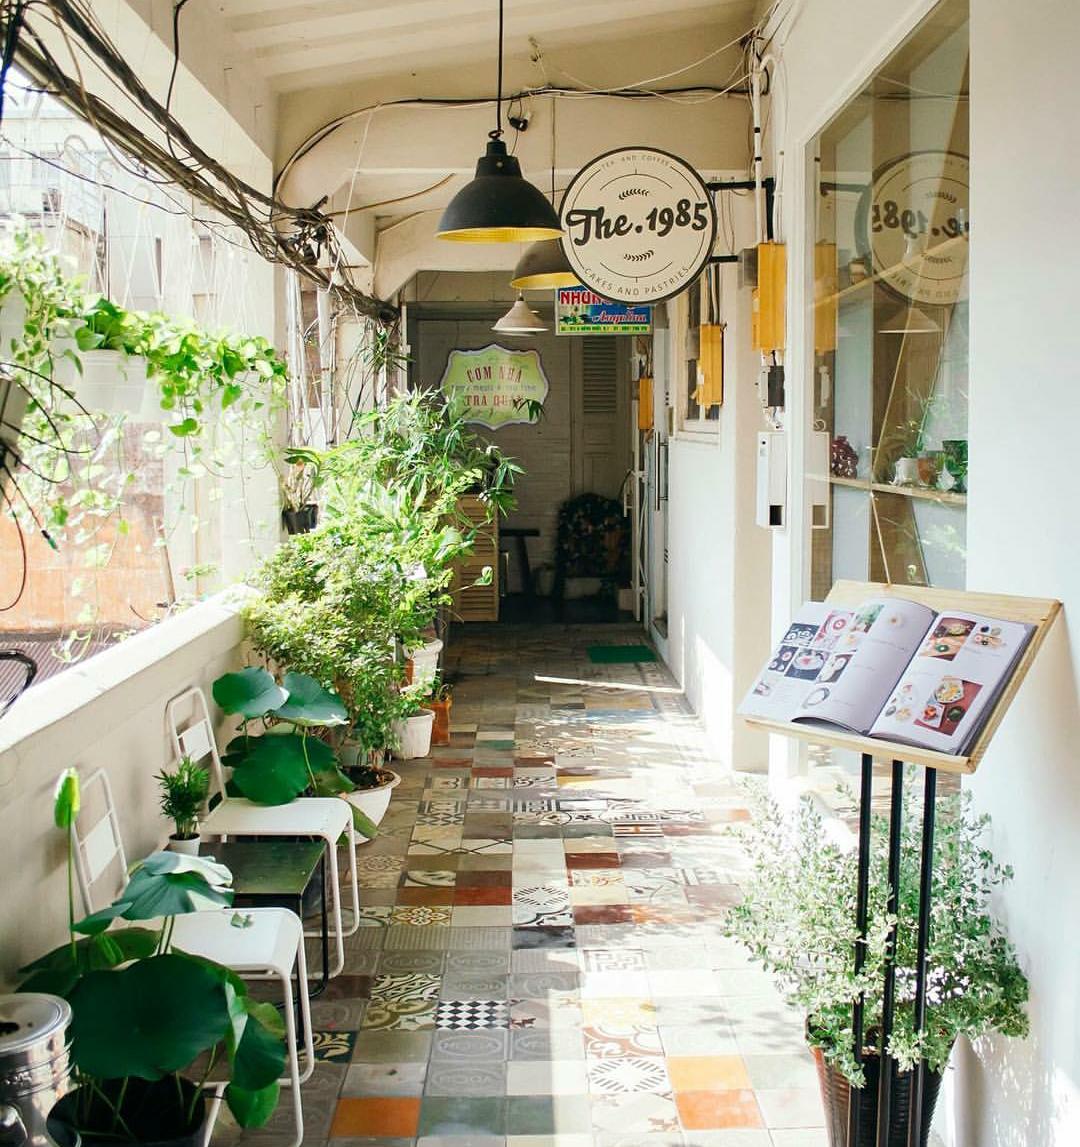 Update ngay danh sách những quán cafe đang được giới trẻ Sài Gòn check-in liên tục - Ảnh 40.